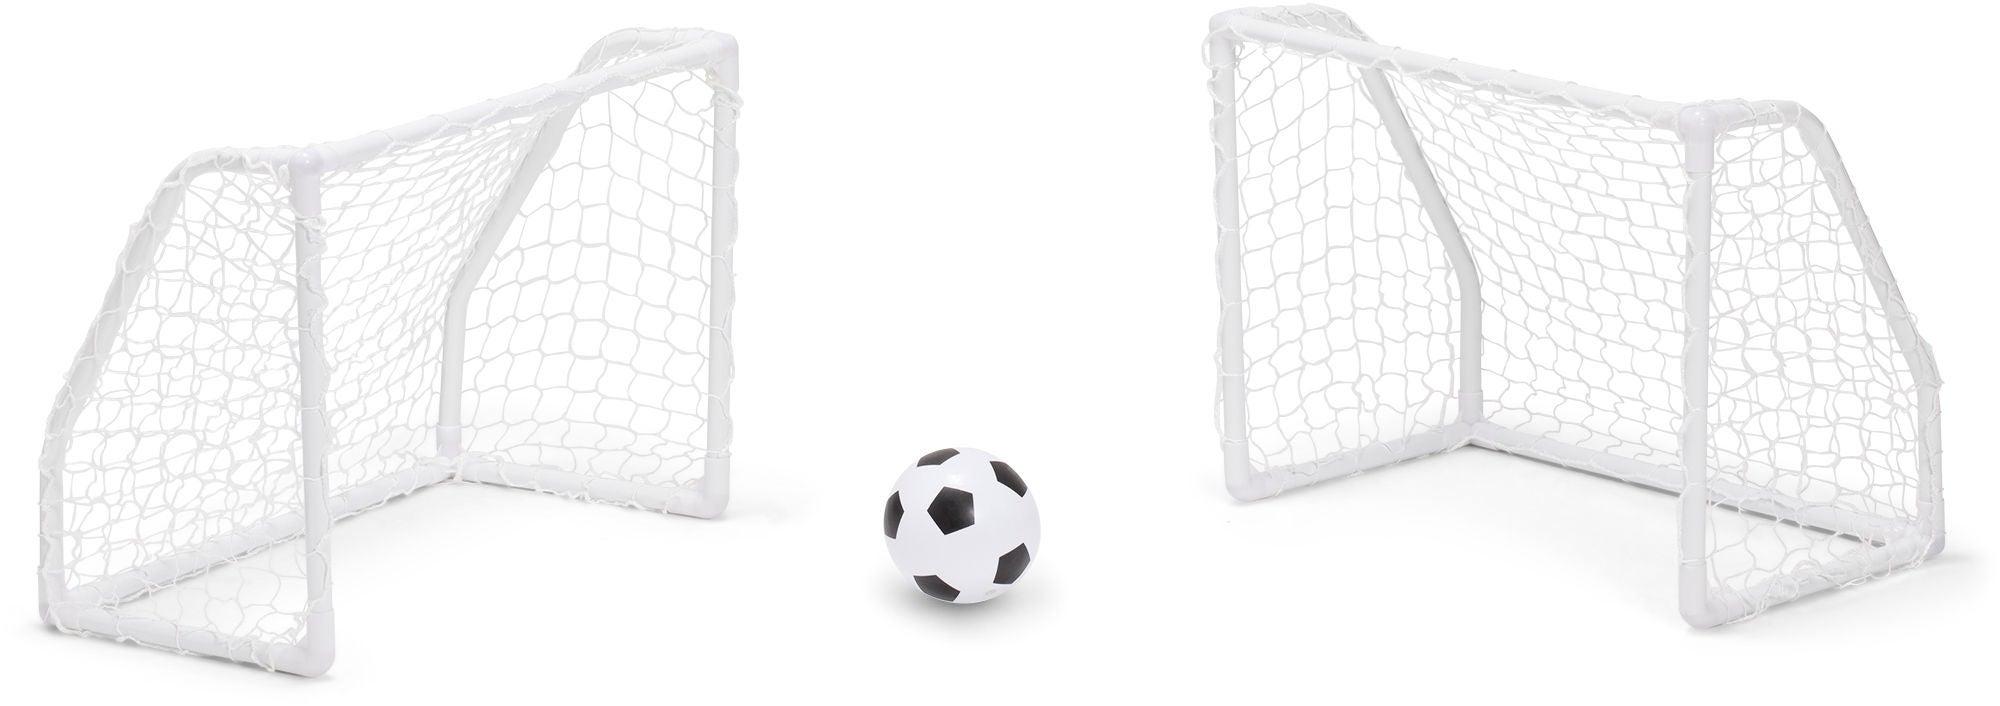 ea27a0301 Hudora Fotballmål XXL - Billigpris.no